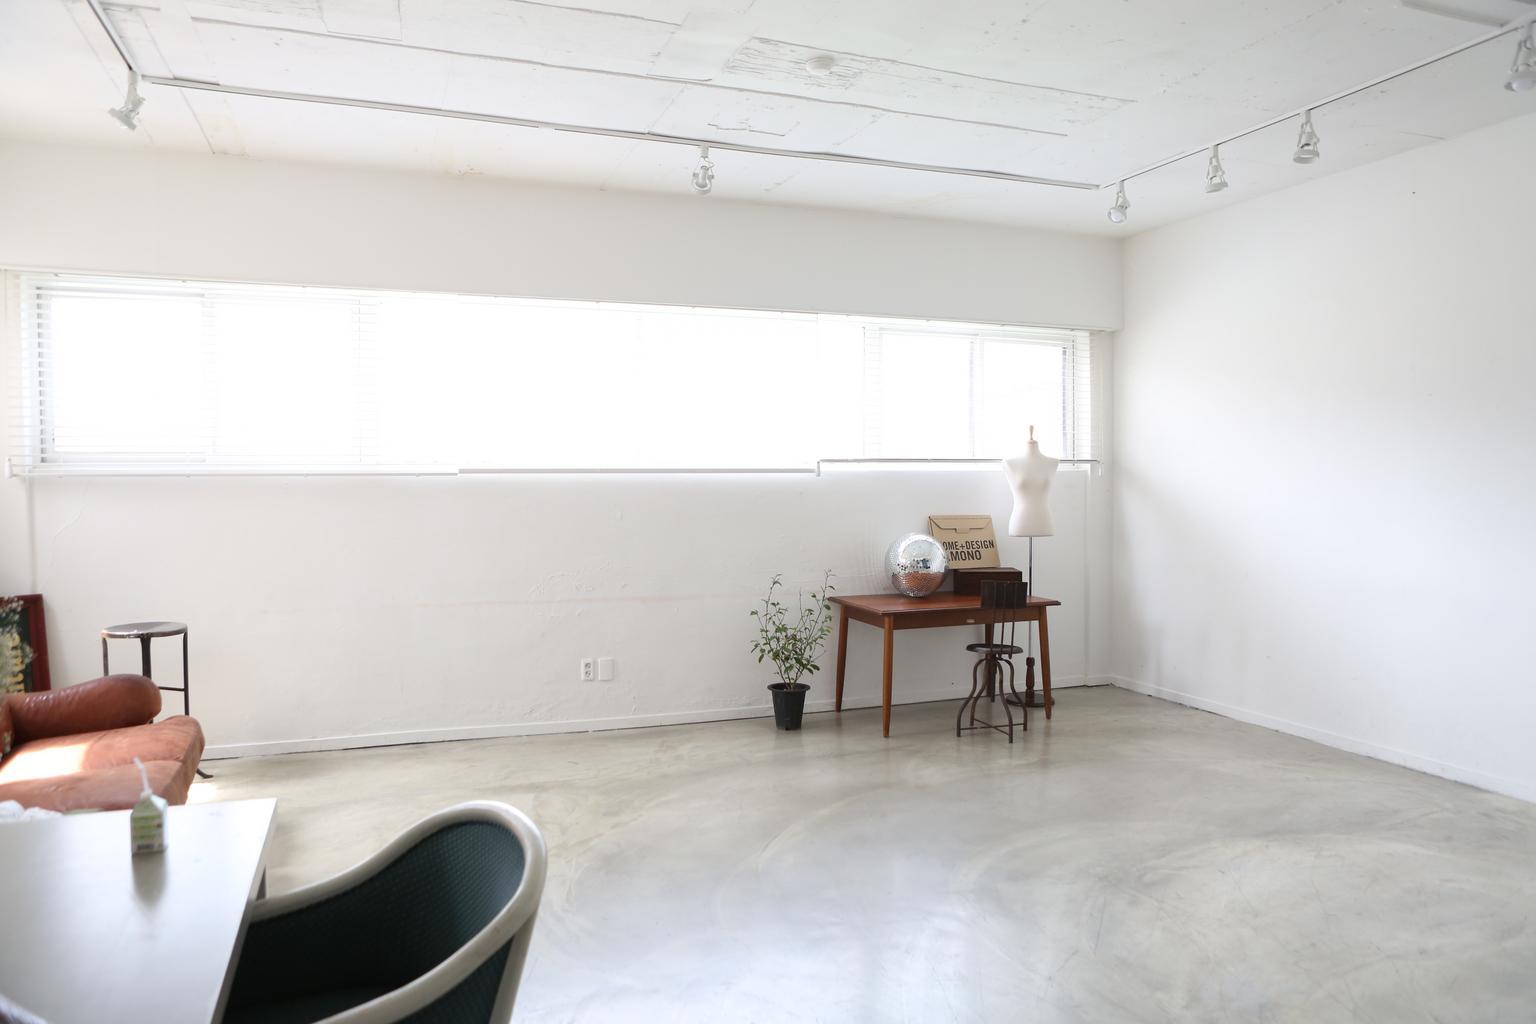 miestnosť, minimalizmus